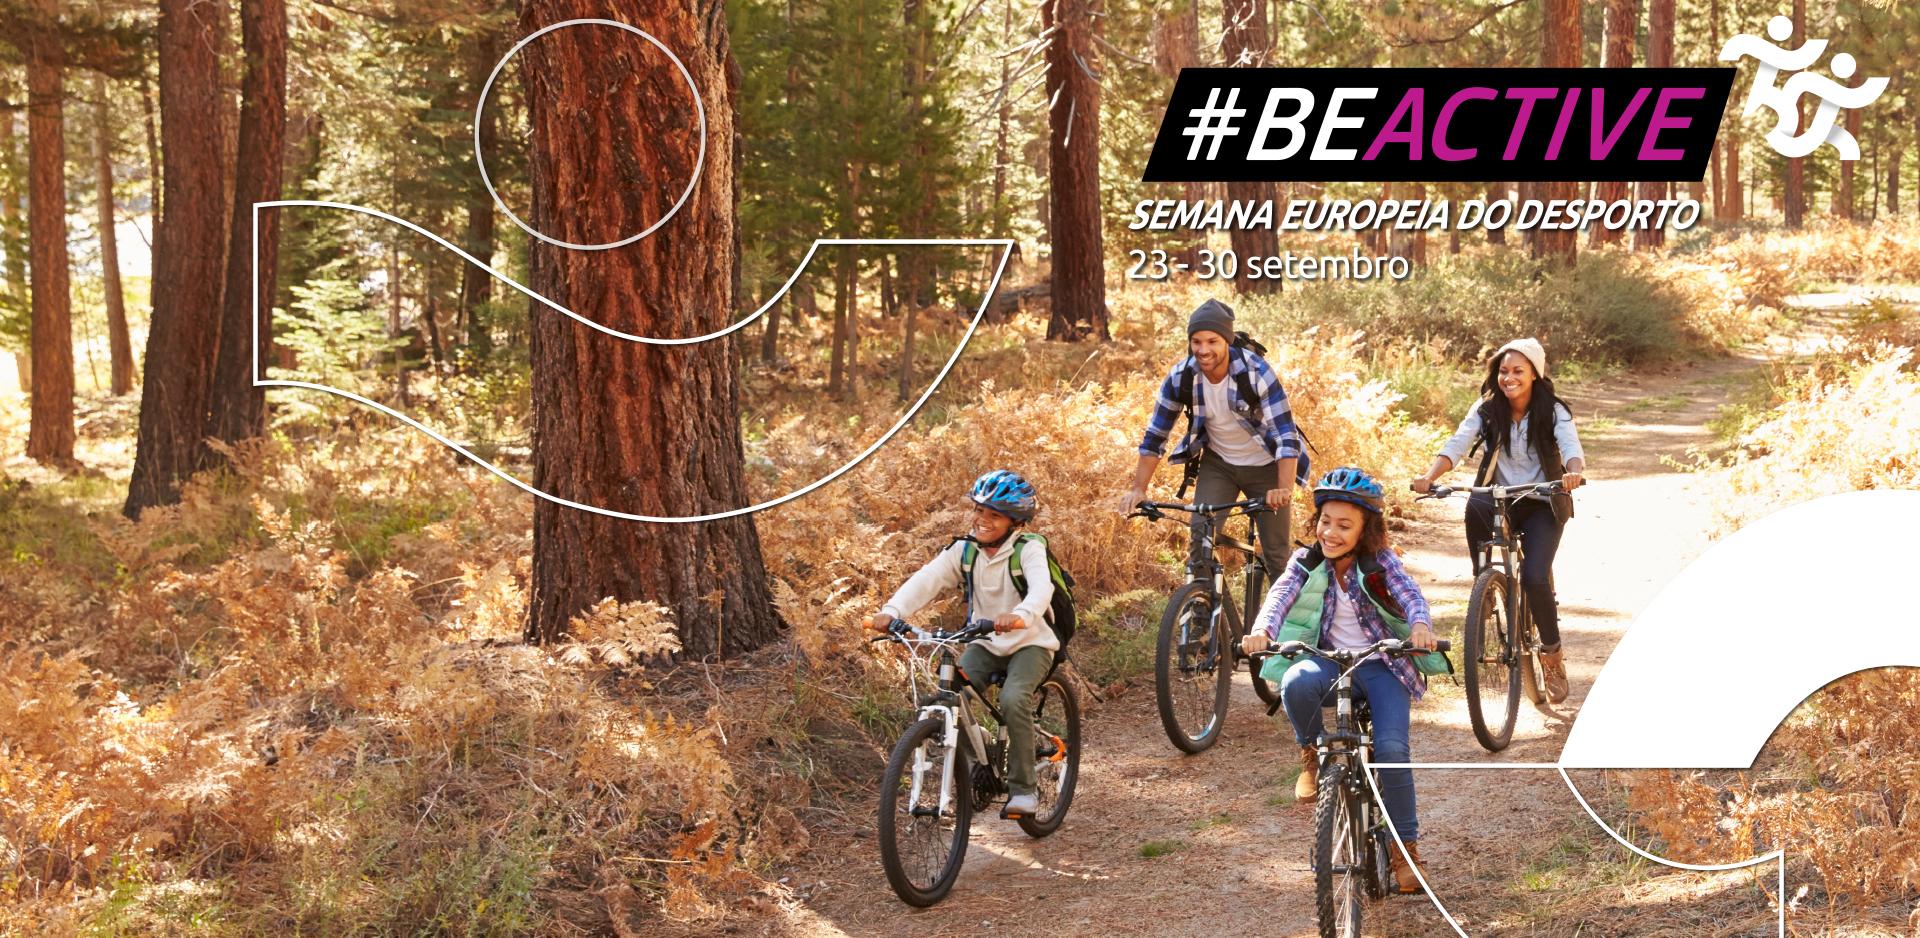 Conjunto de 4 pessoas (2 adultos e 2 jovens) a andar de bicicleta na natureza.